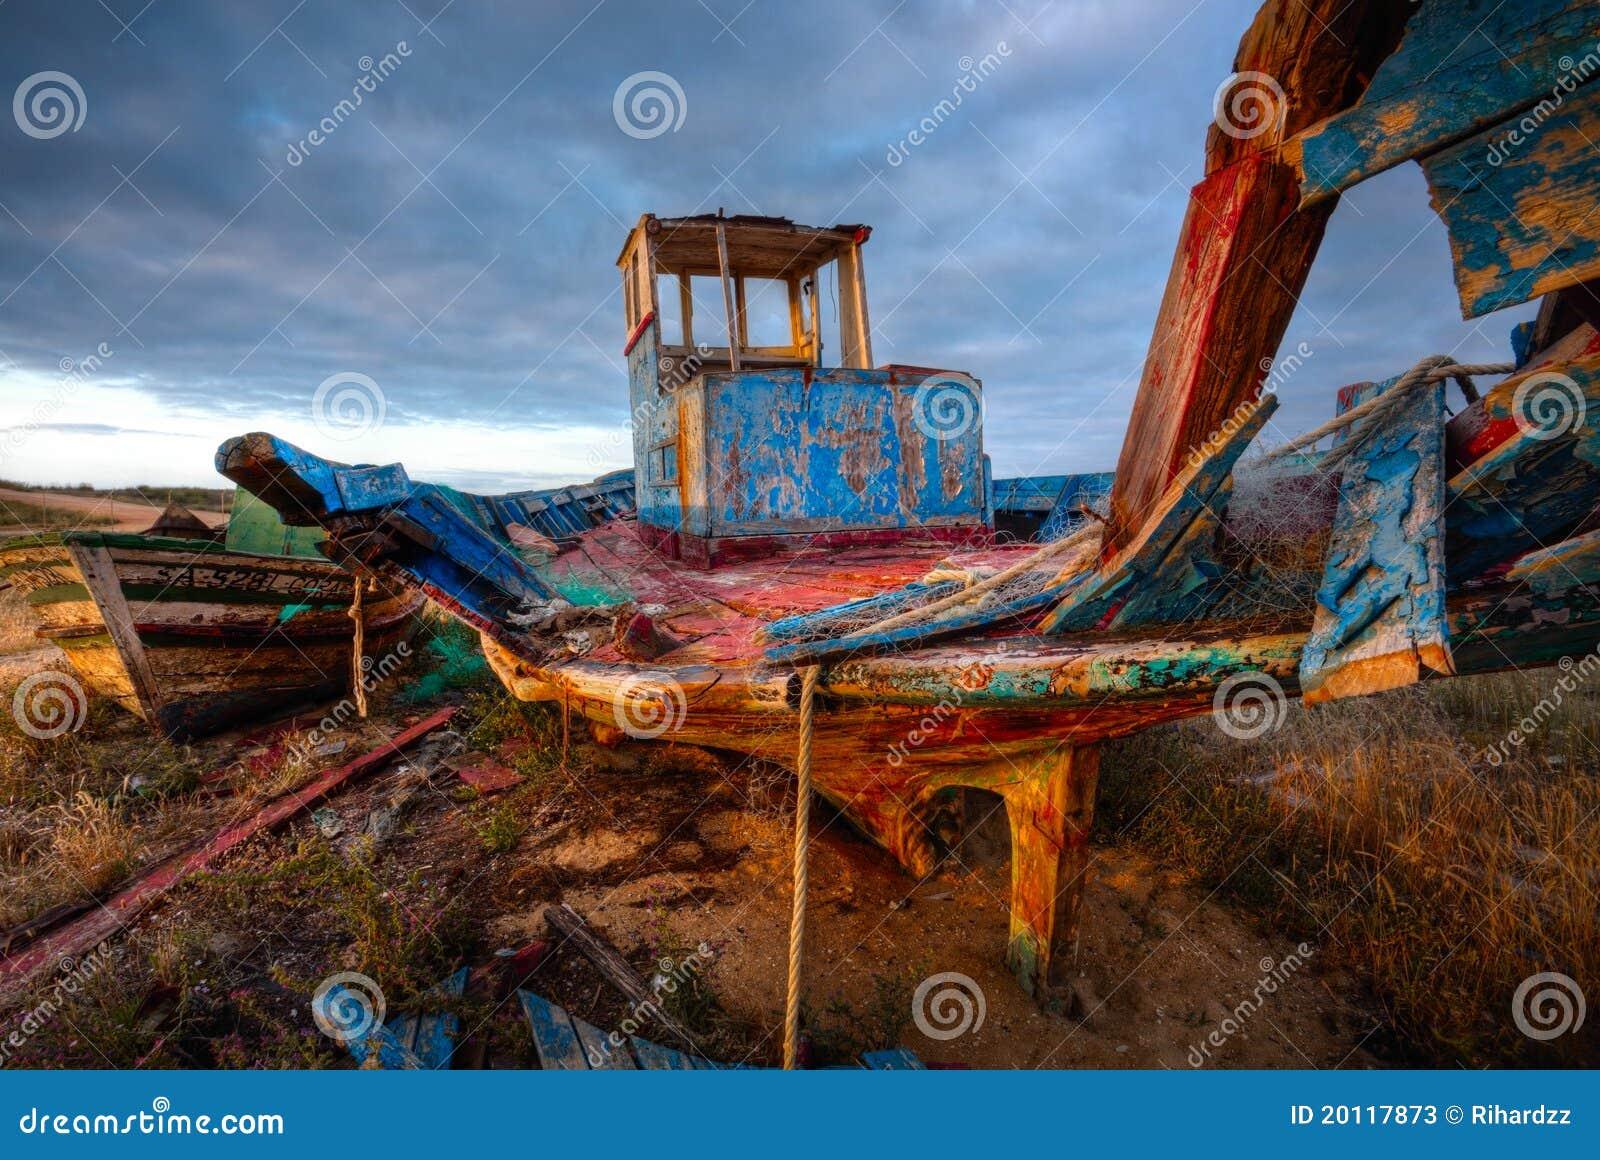 Vieja ruina del barco de pesca, imagen de HDR